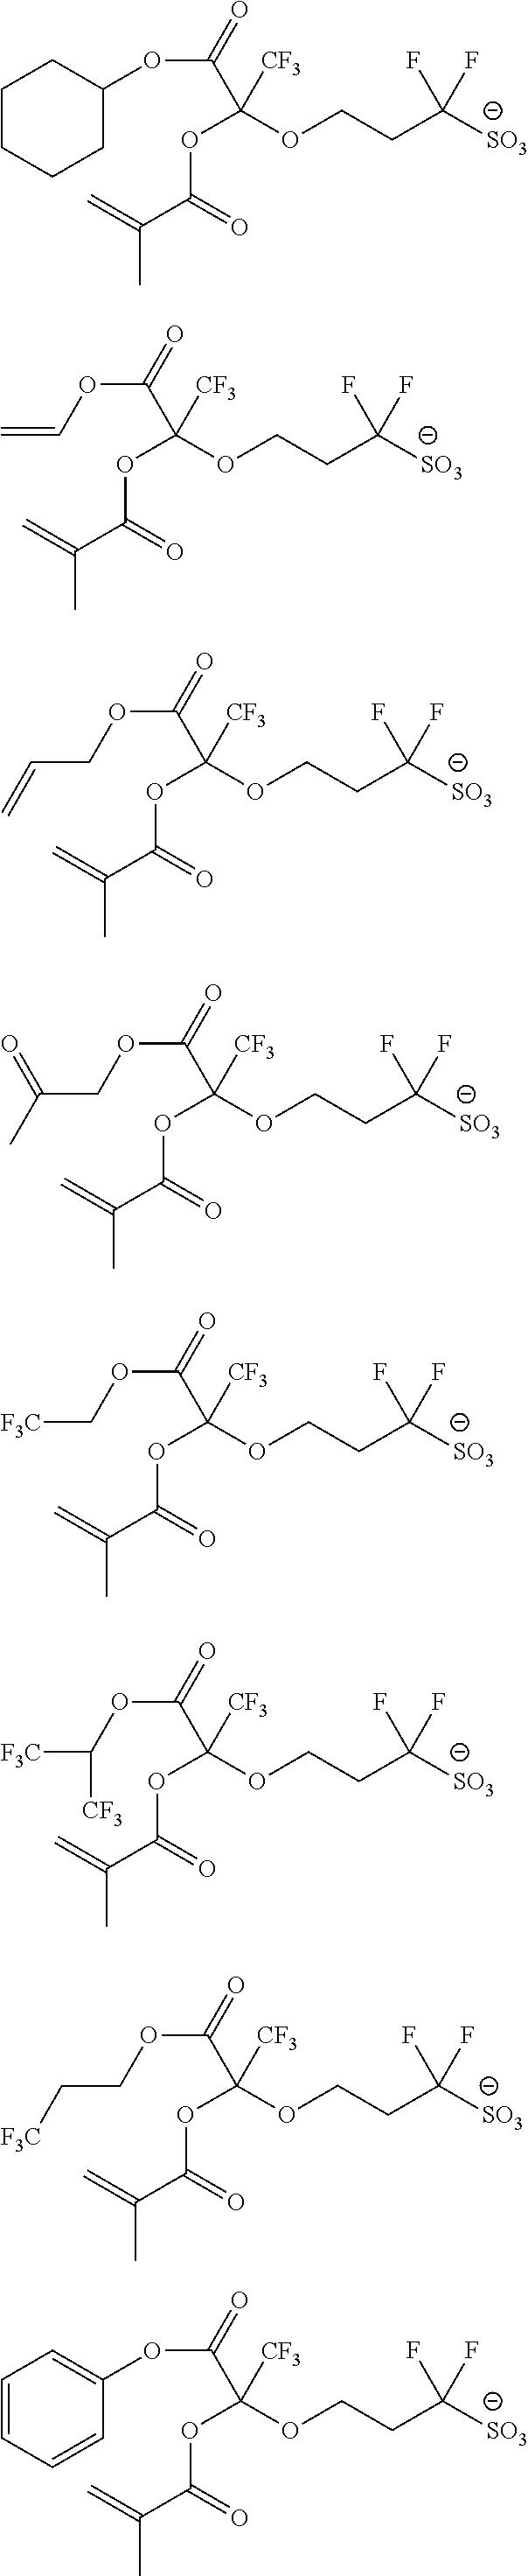 Figure US09182664-20151110-C00056